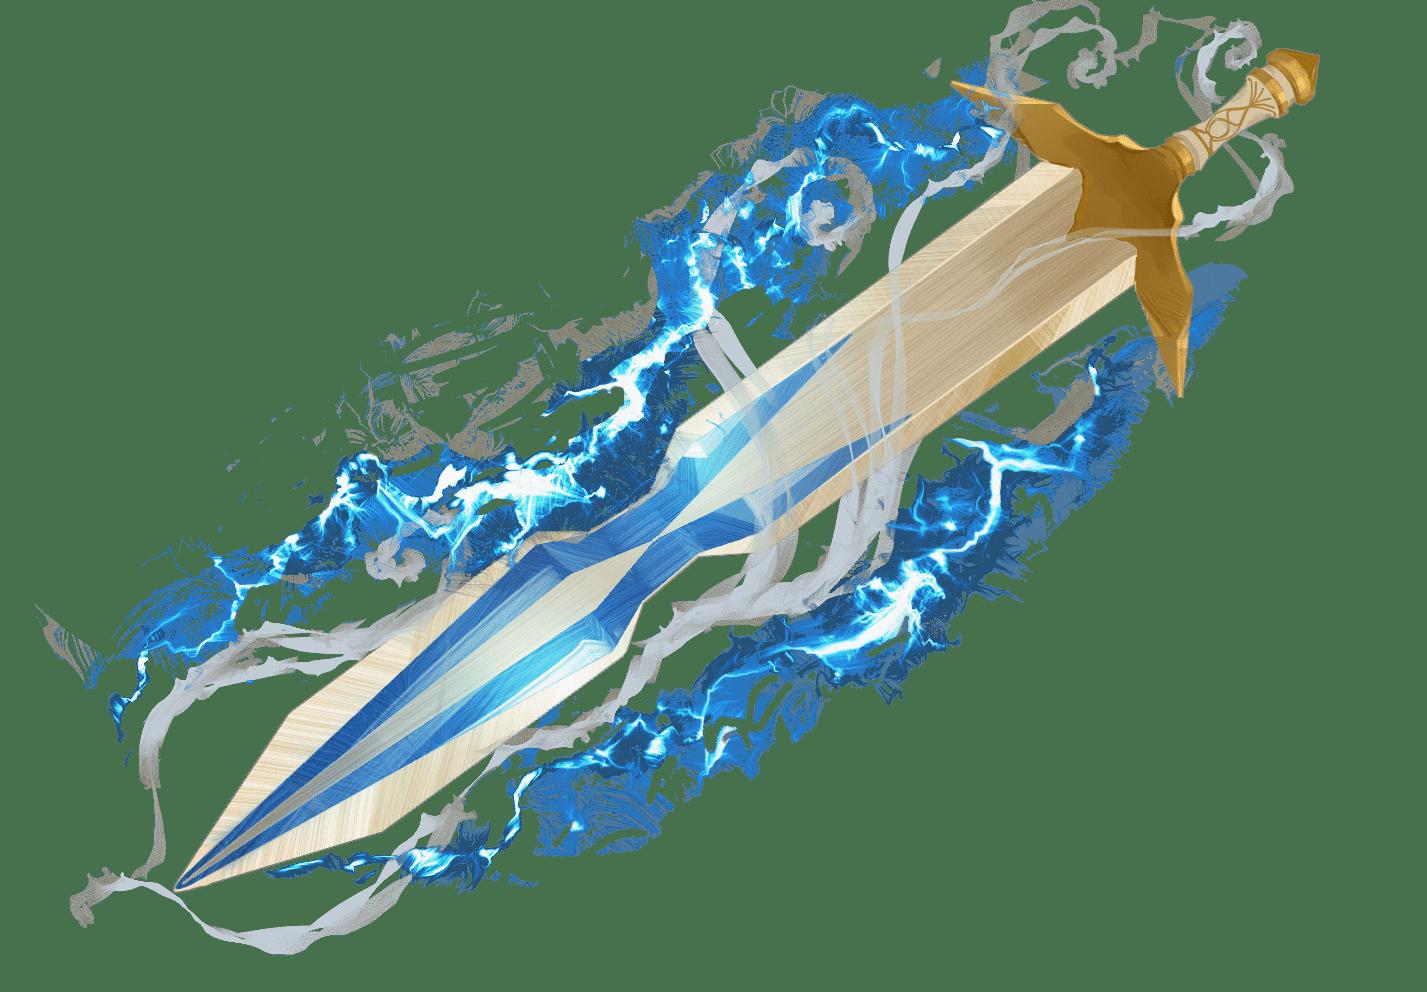 Sword of the Skies